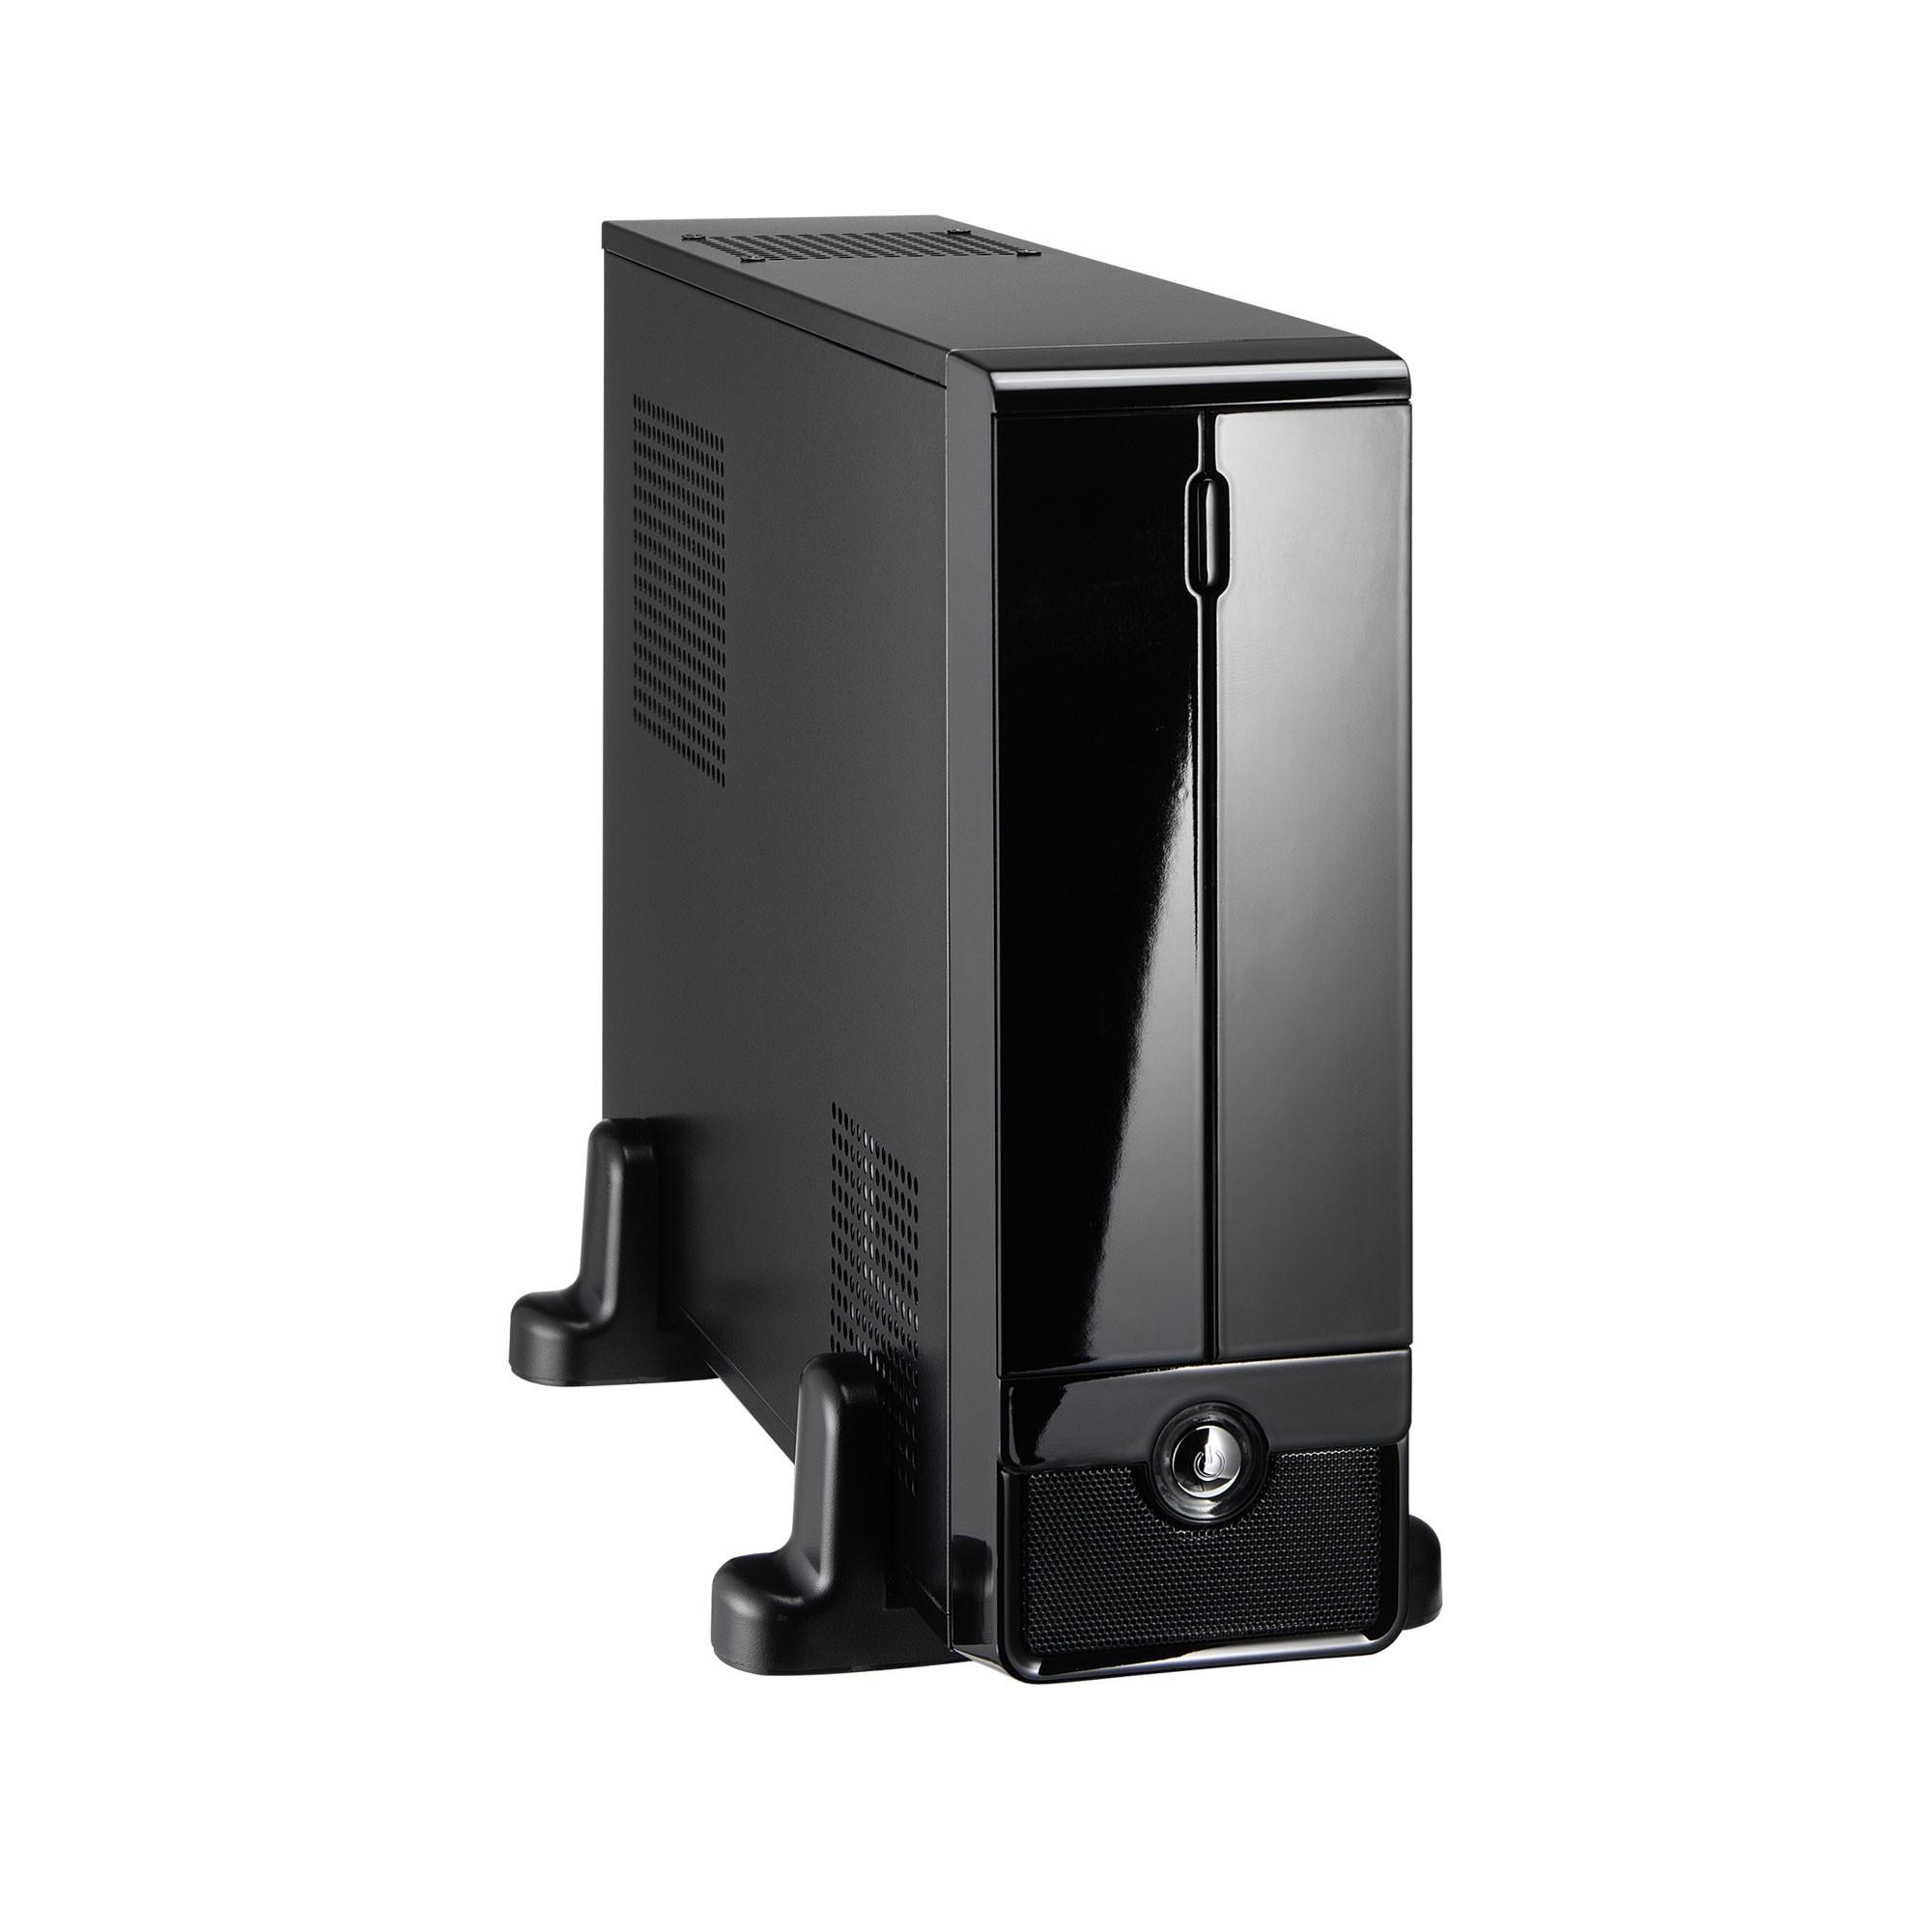 Gabinete Micro ATX ITX Mini Pc Slim Com Fonte 250w Kmex CM-9F8A Preto Piano